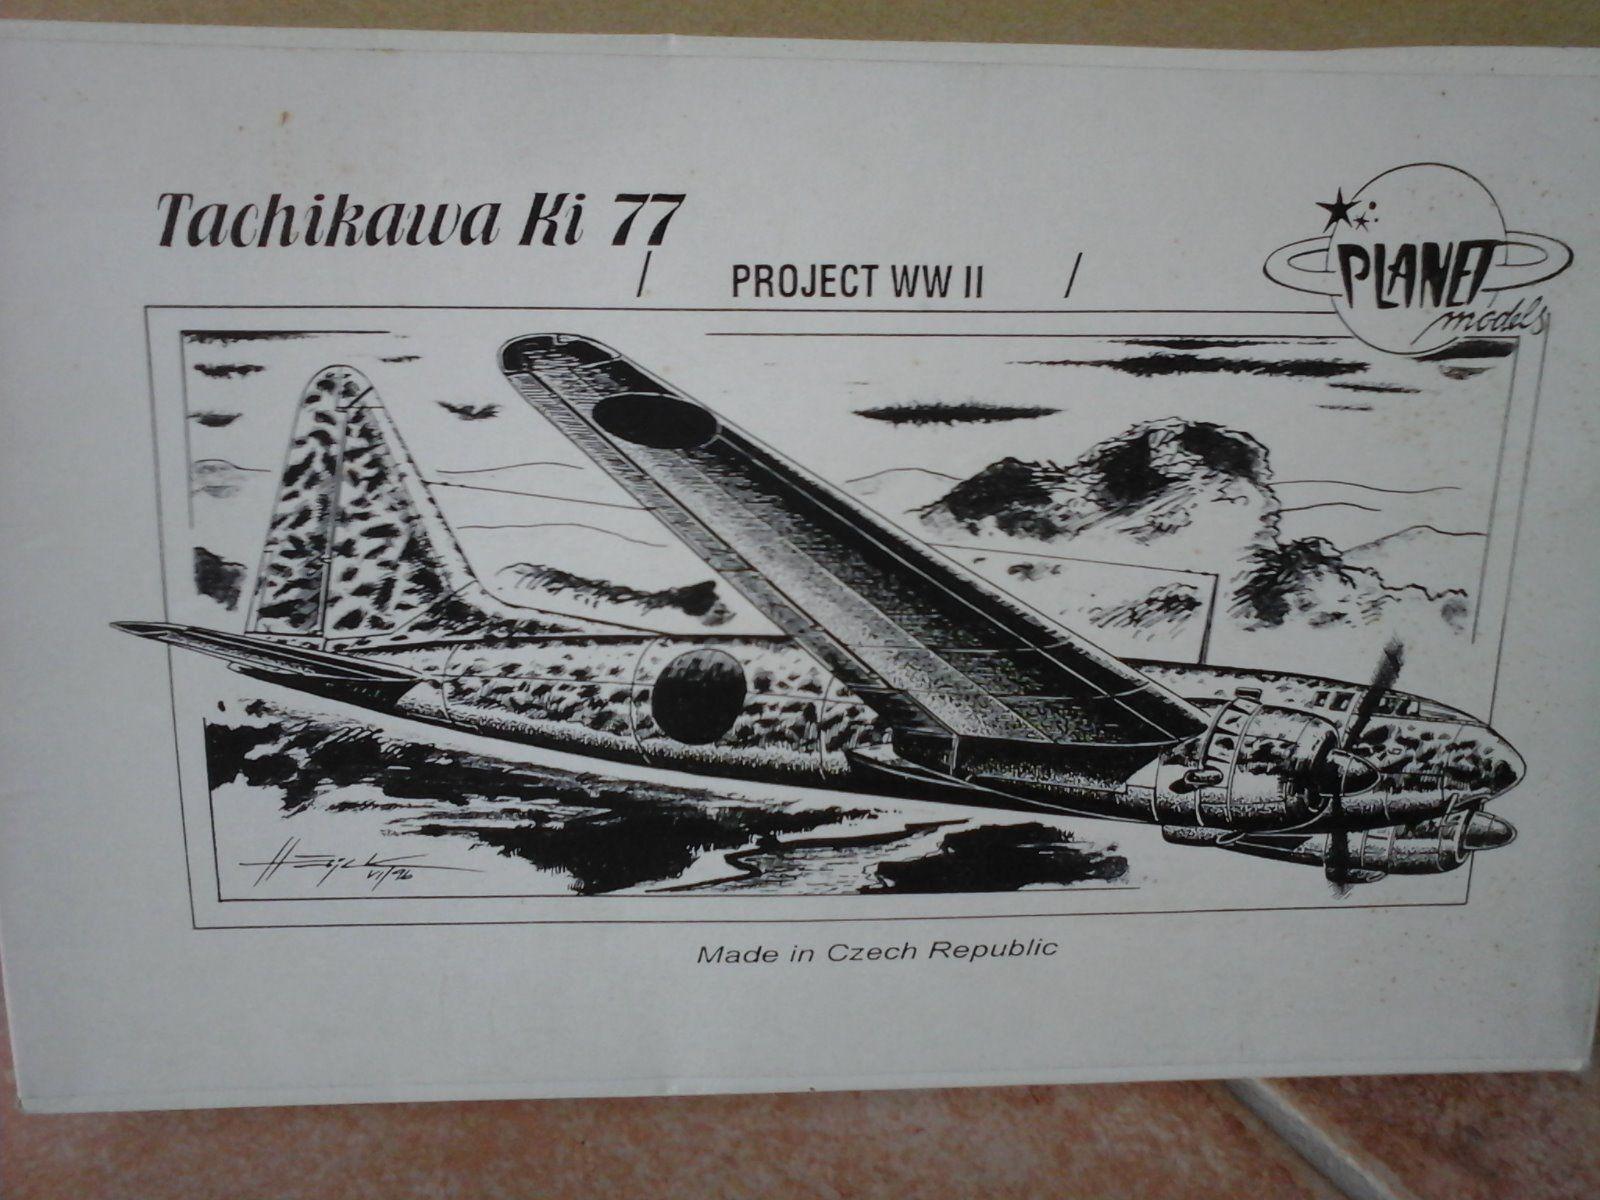 KI77 TACHKAWA 1/72 SCALE PLANET MODEL RESIN PARTS